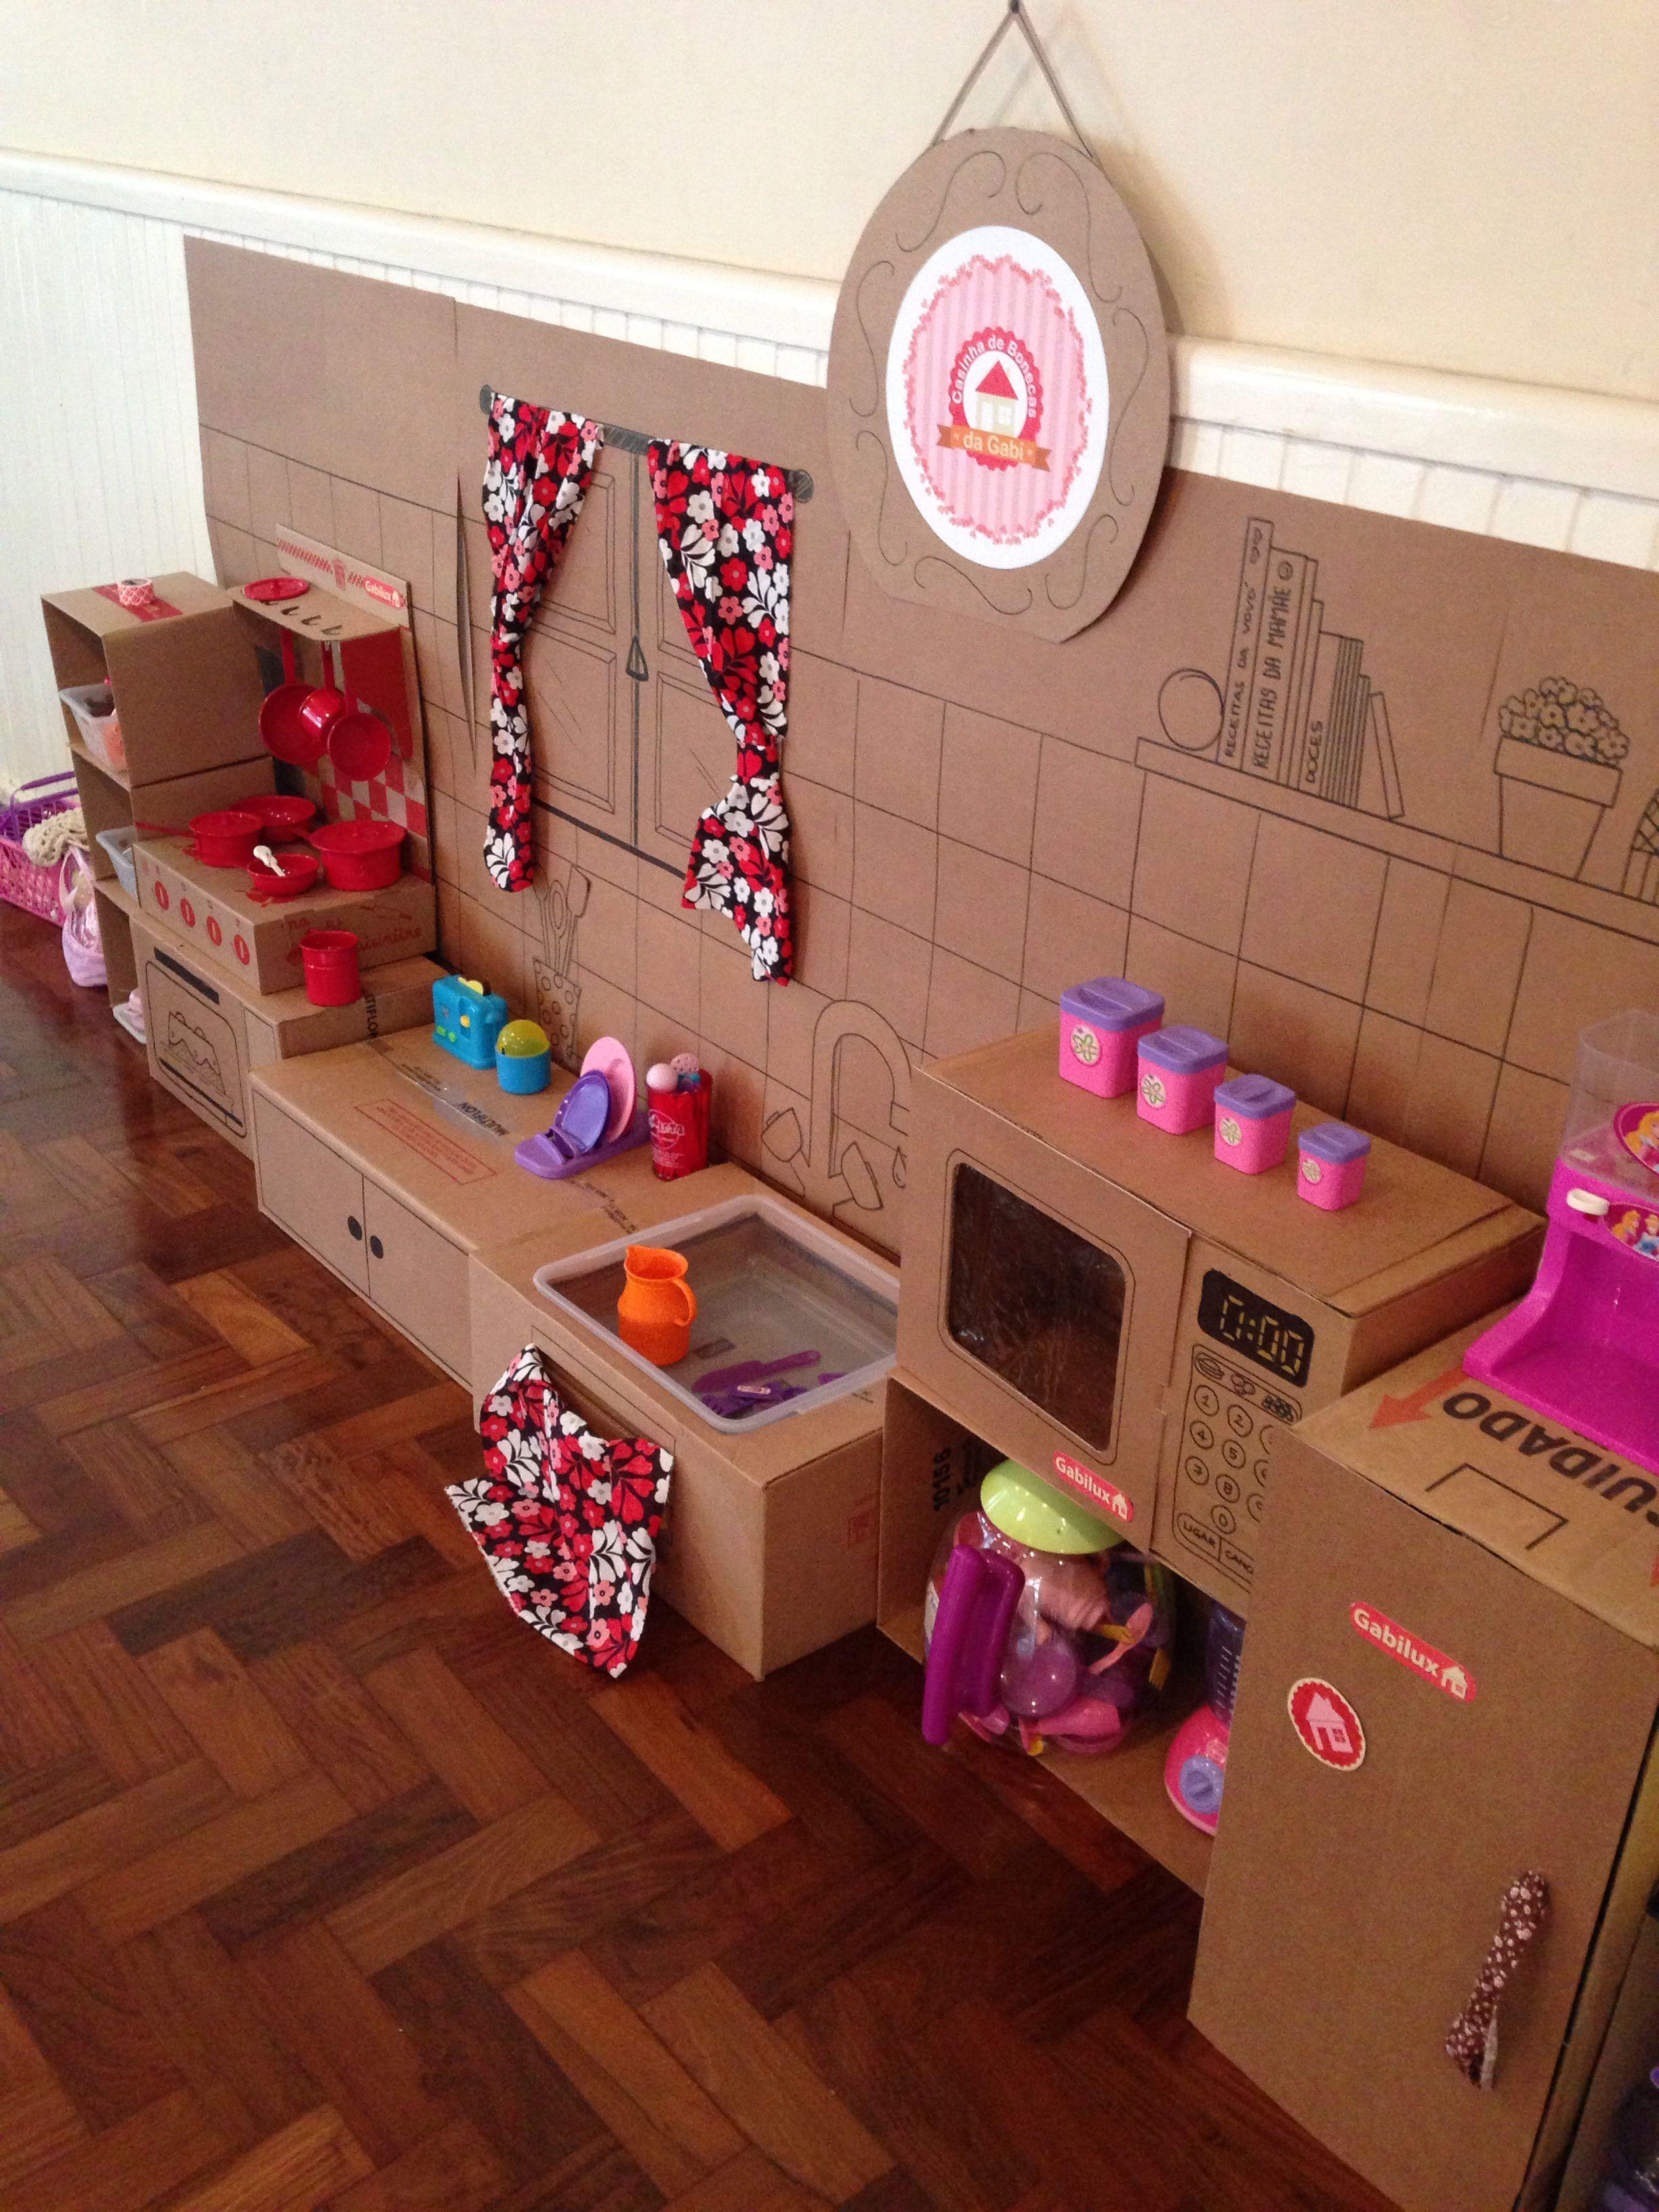 Гифка кухня из коробок для девочек, картинки гражданскую авиацию